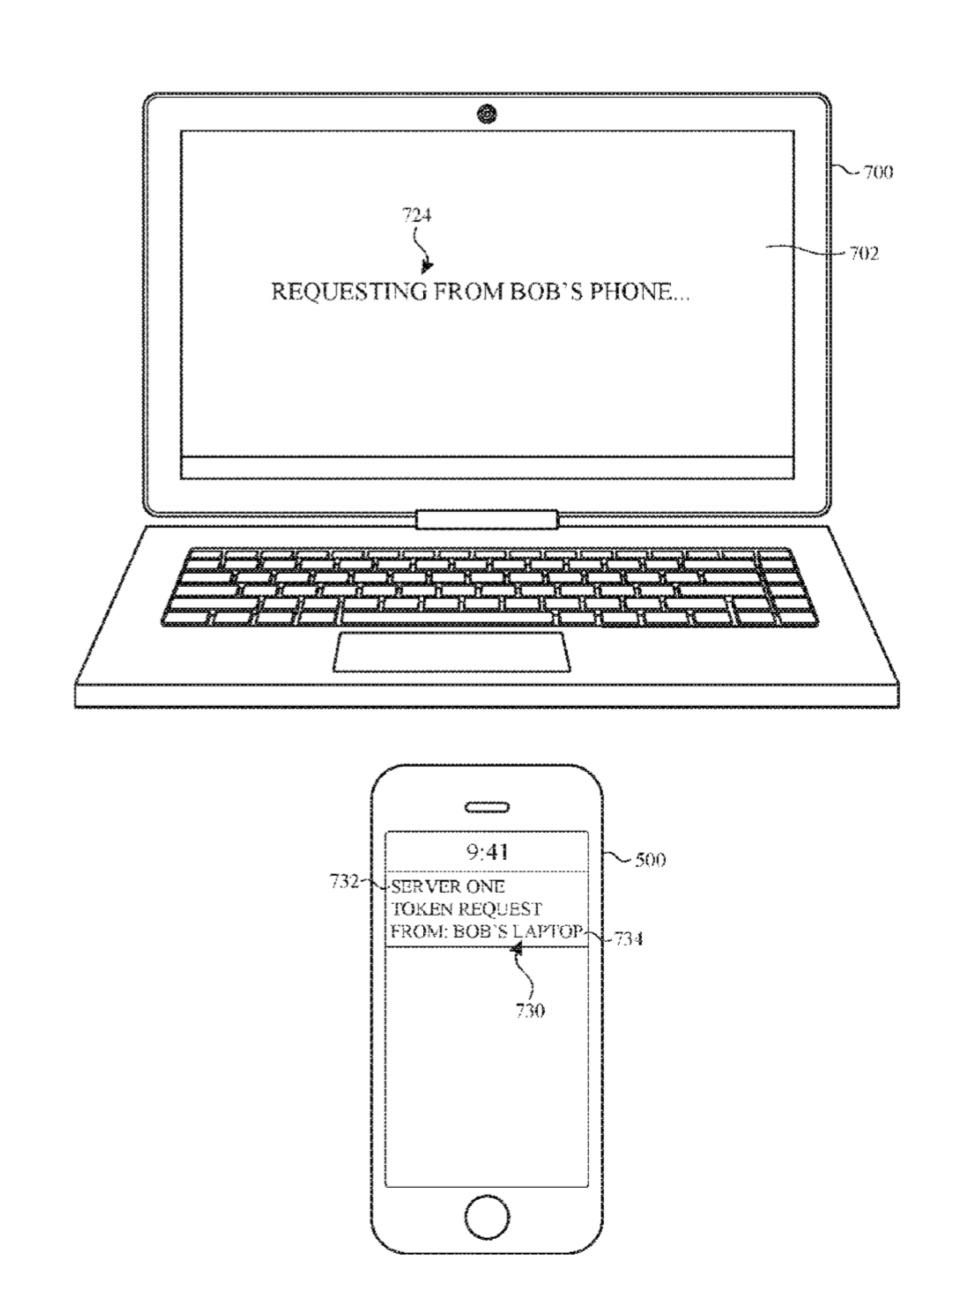 Remote access patent.jpeg